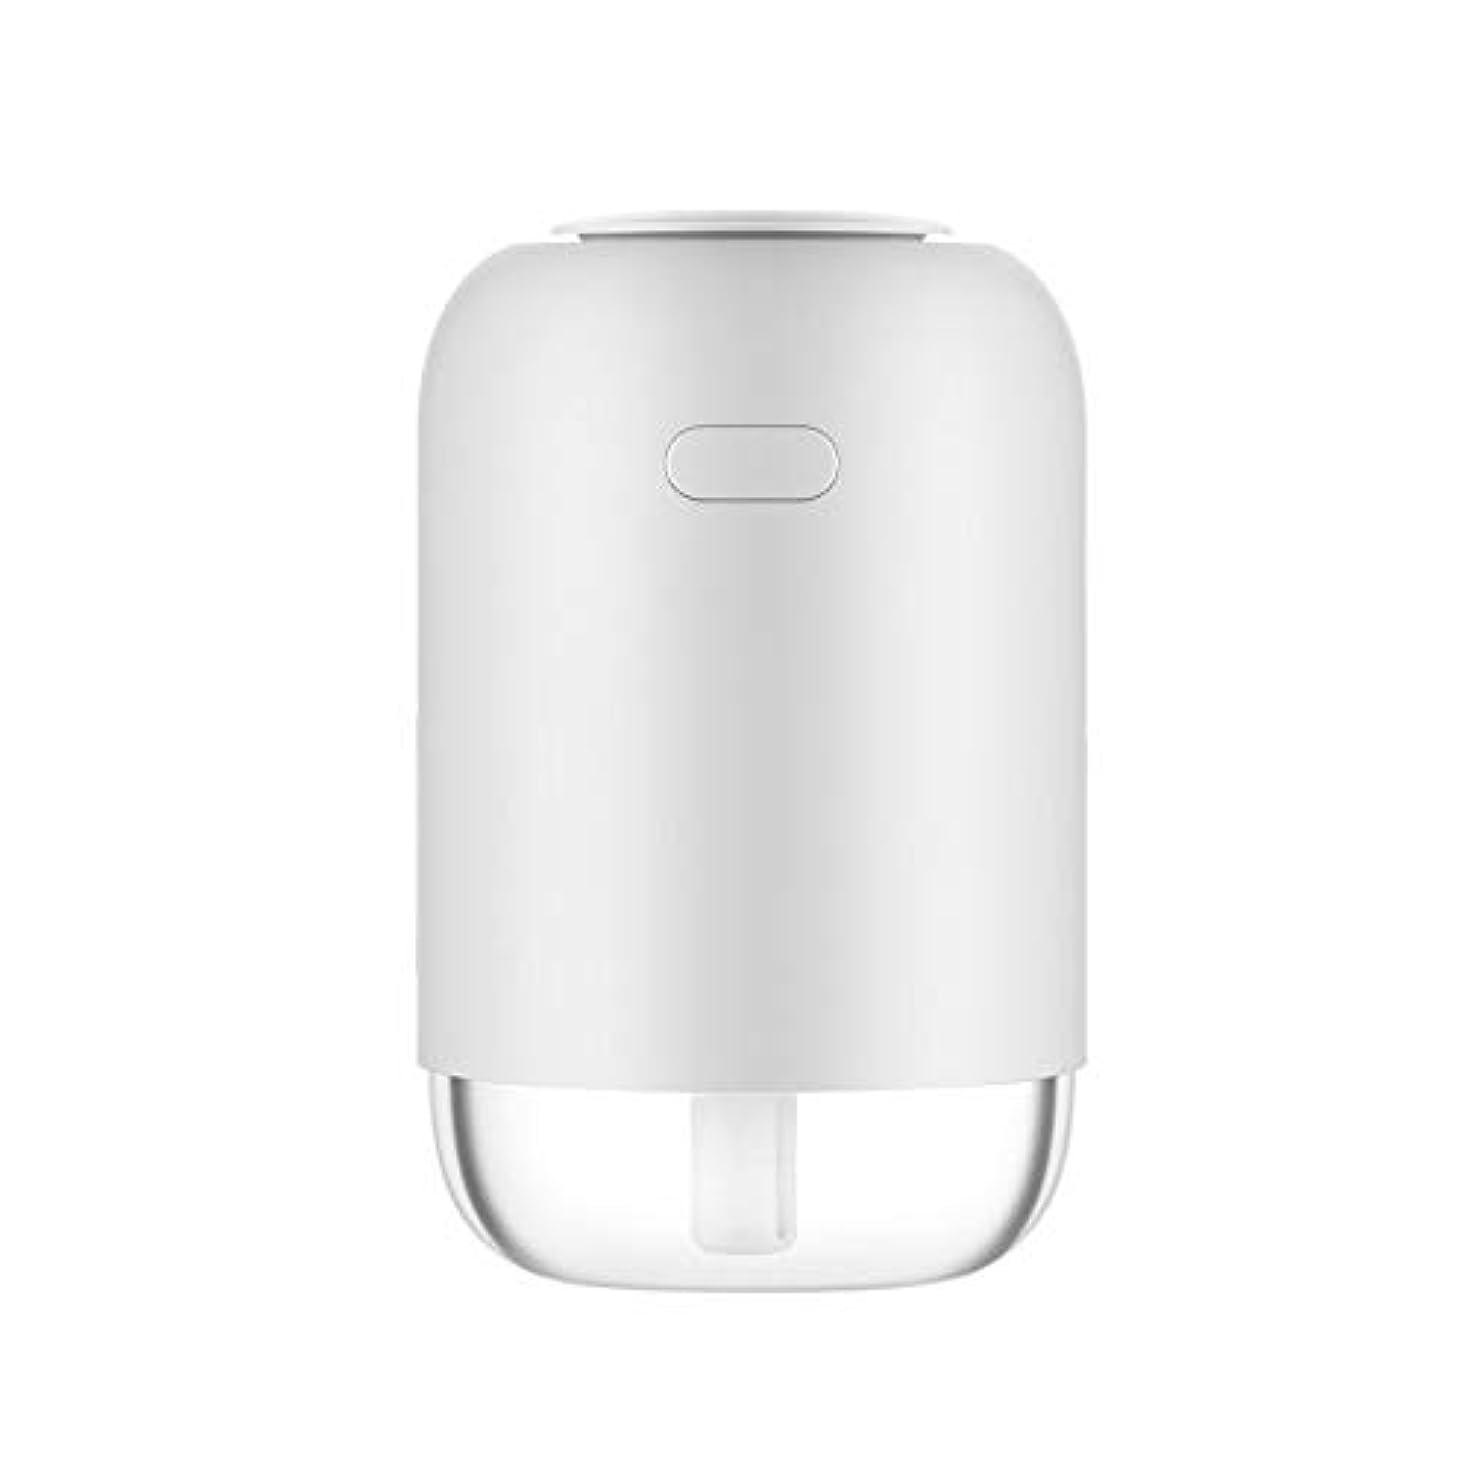 理想的流産切るフェイスケア 美容器 TJK USB加湿器 卓上USB加湿器 車載加湿器 ペットボトル型 300ML容量 アロマディフューザー 補水美顔器 8-10時間 空焚き防止機能付き(ホワイト)